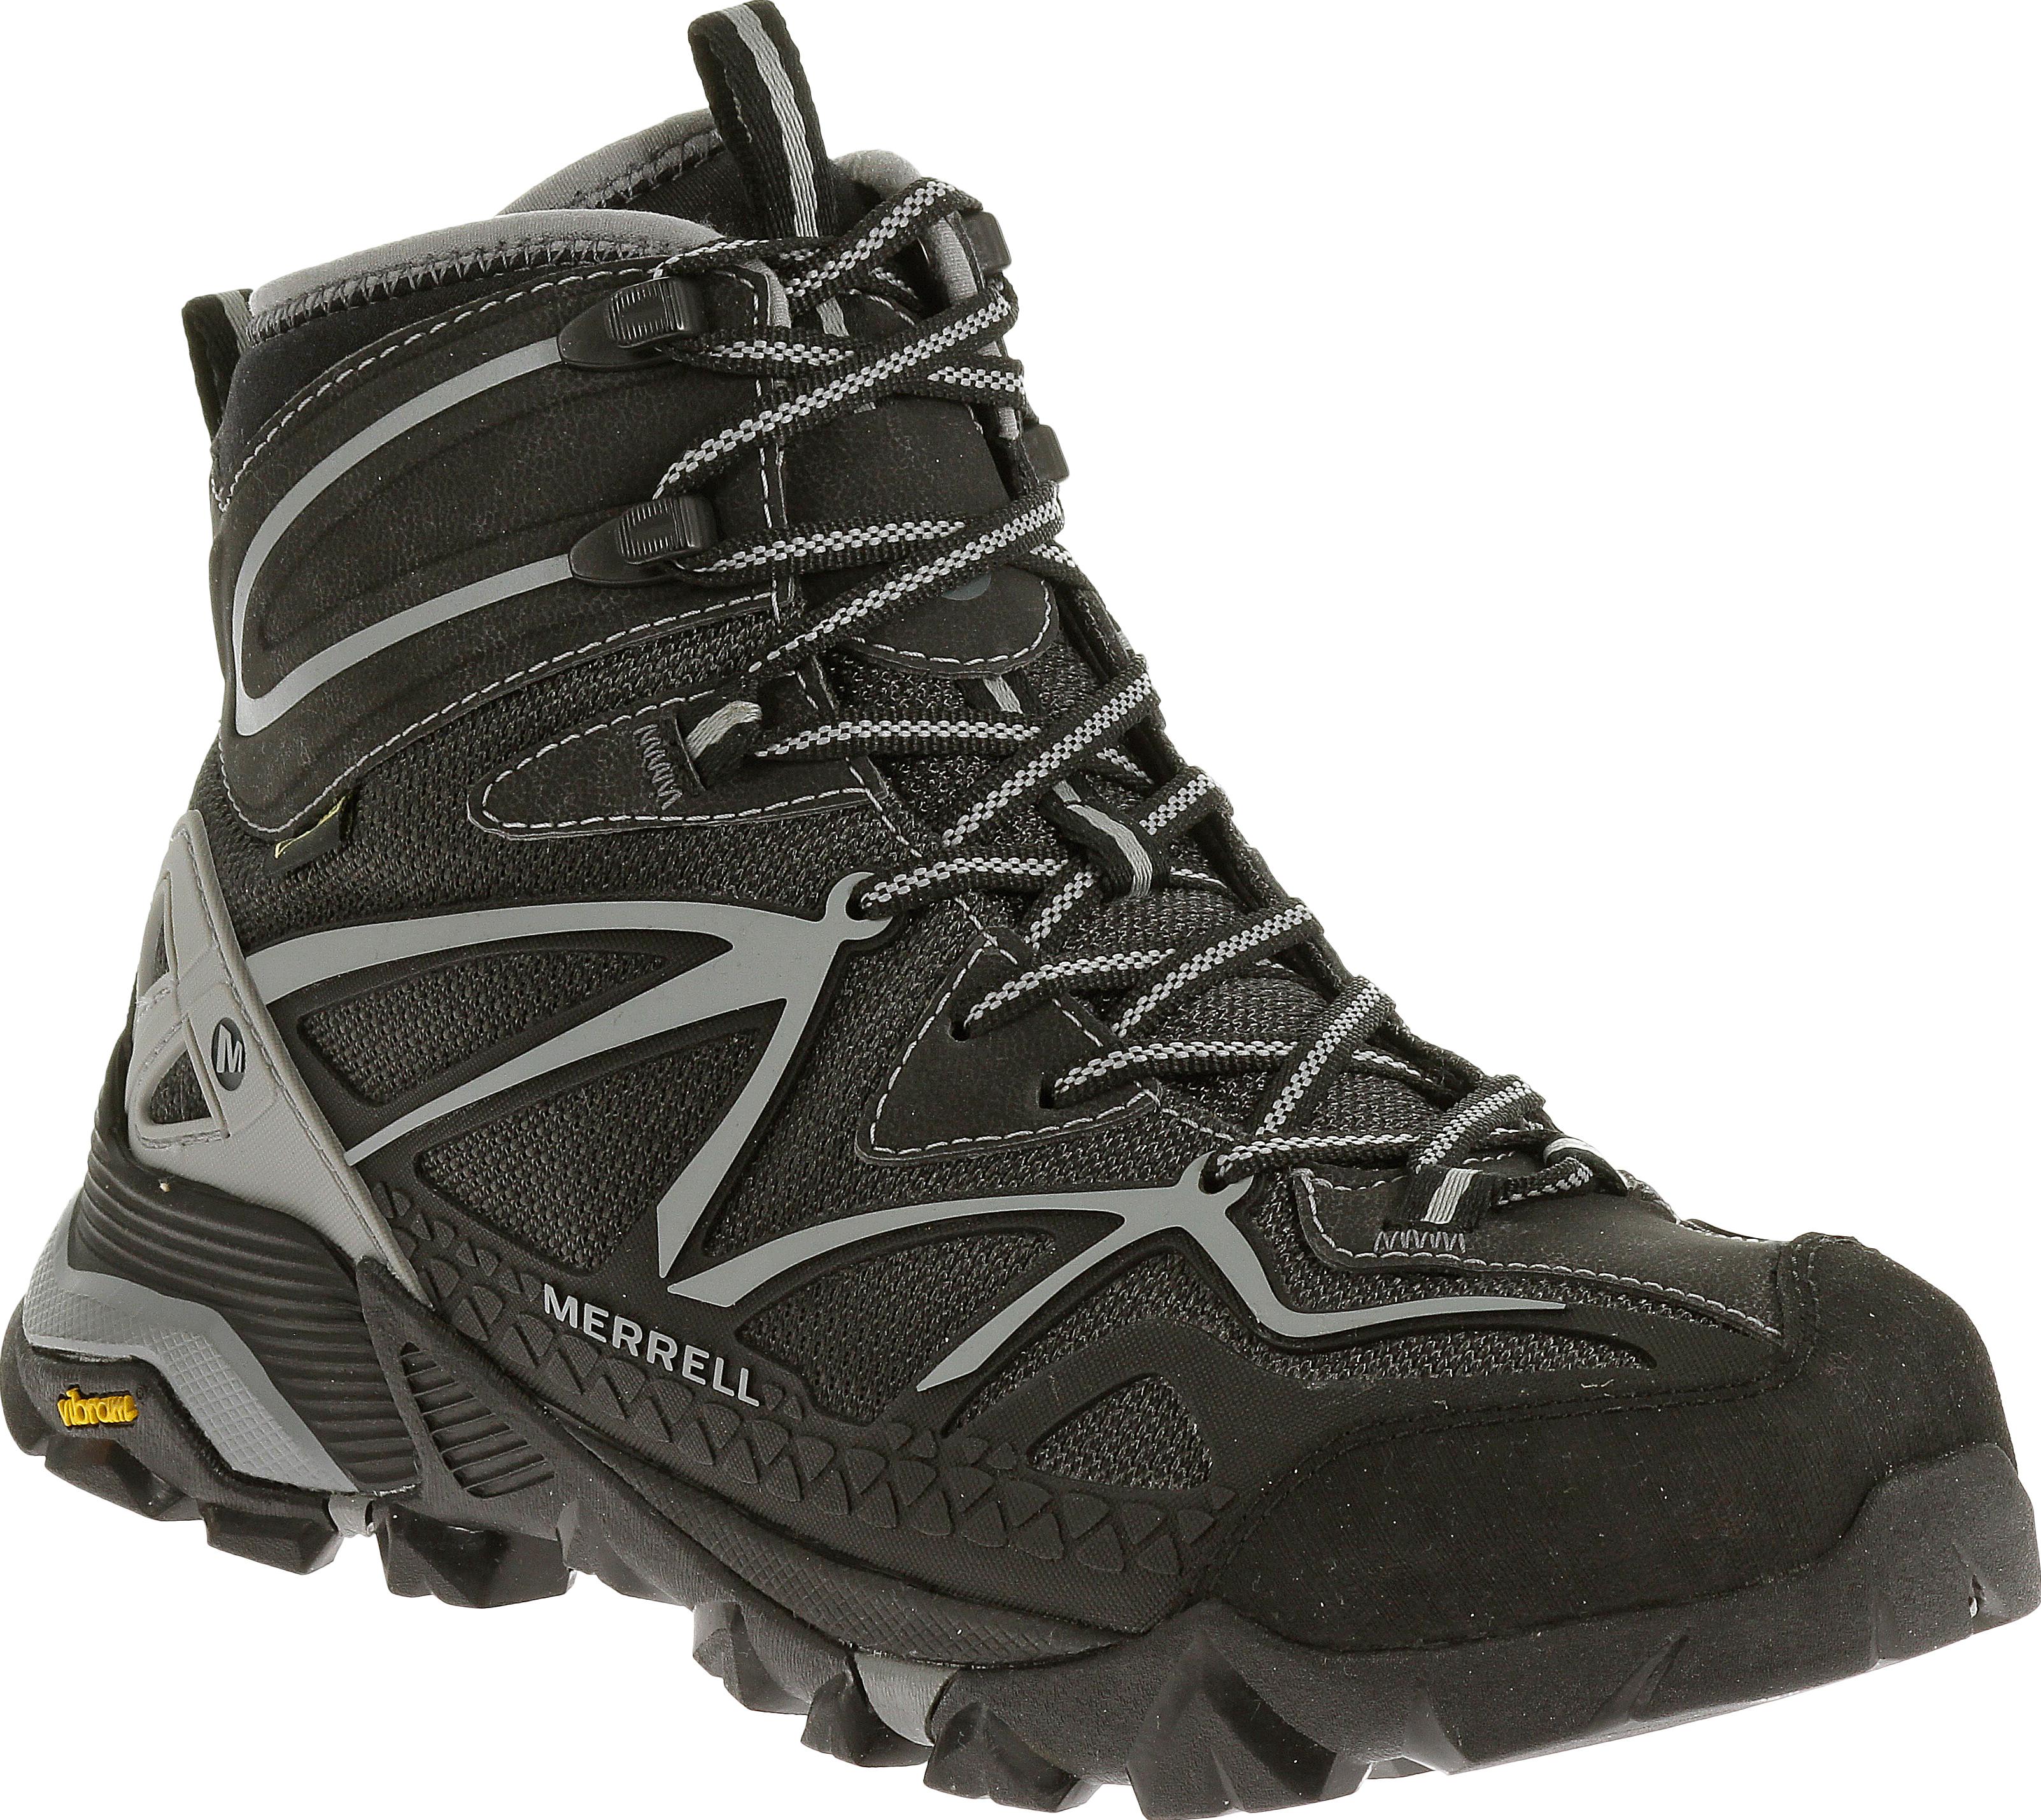 8931d27066e Merrell Capra Mid Sport Gore-Tex Light Trail Shoes - Men's